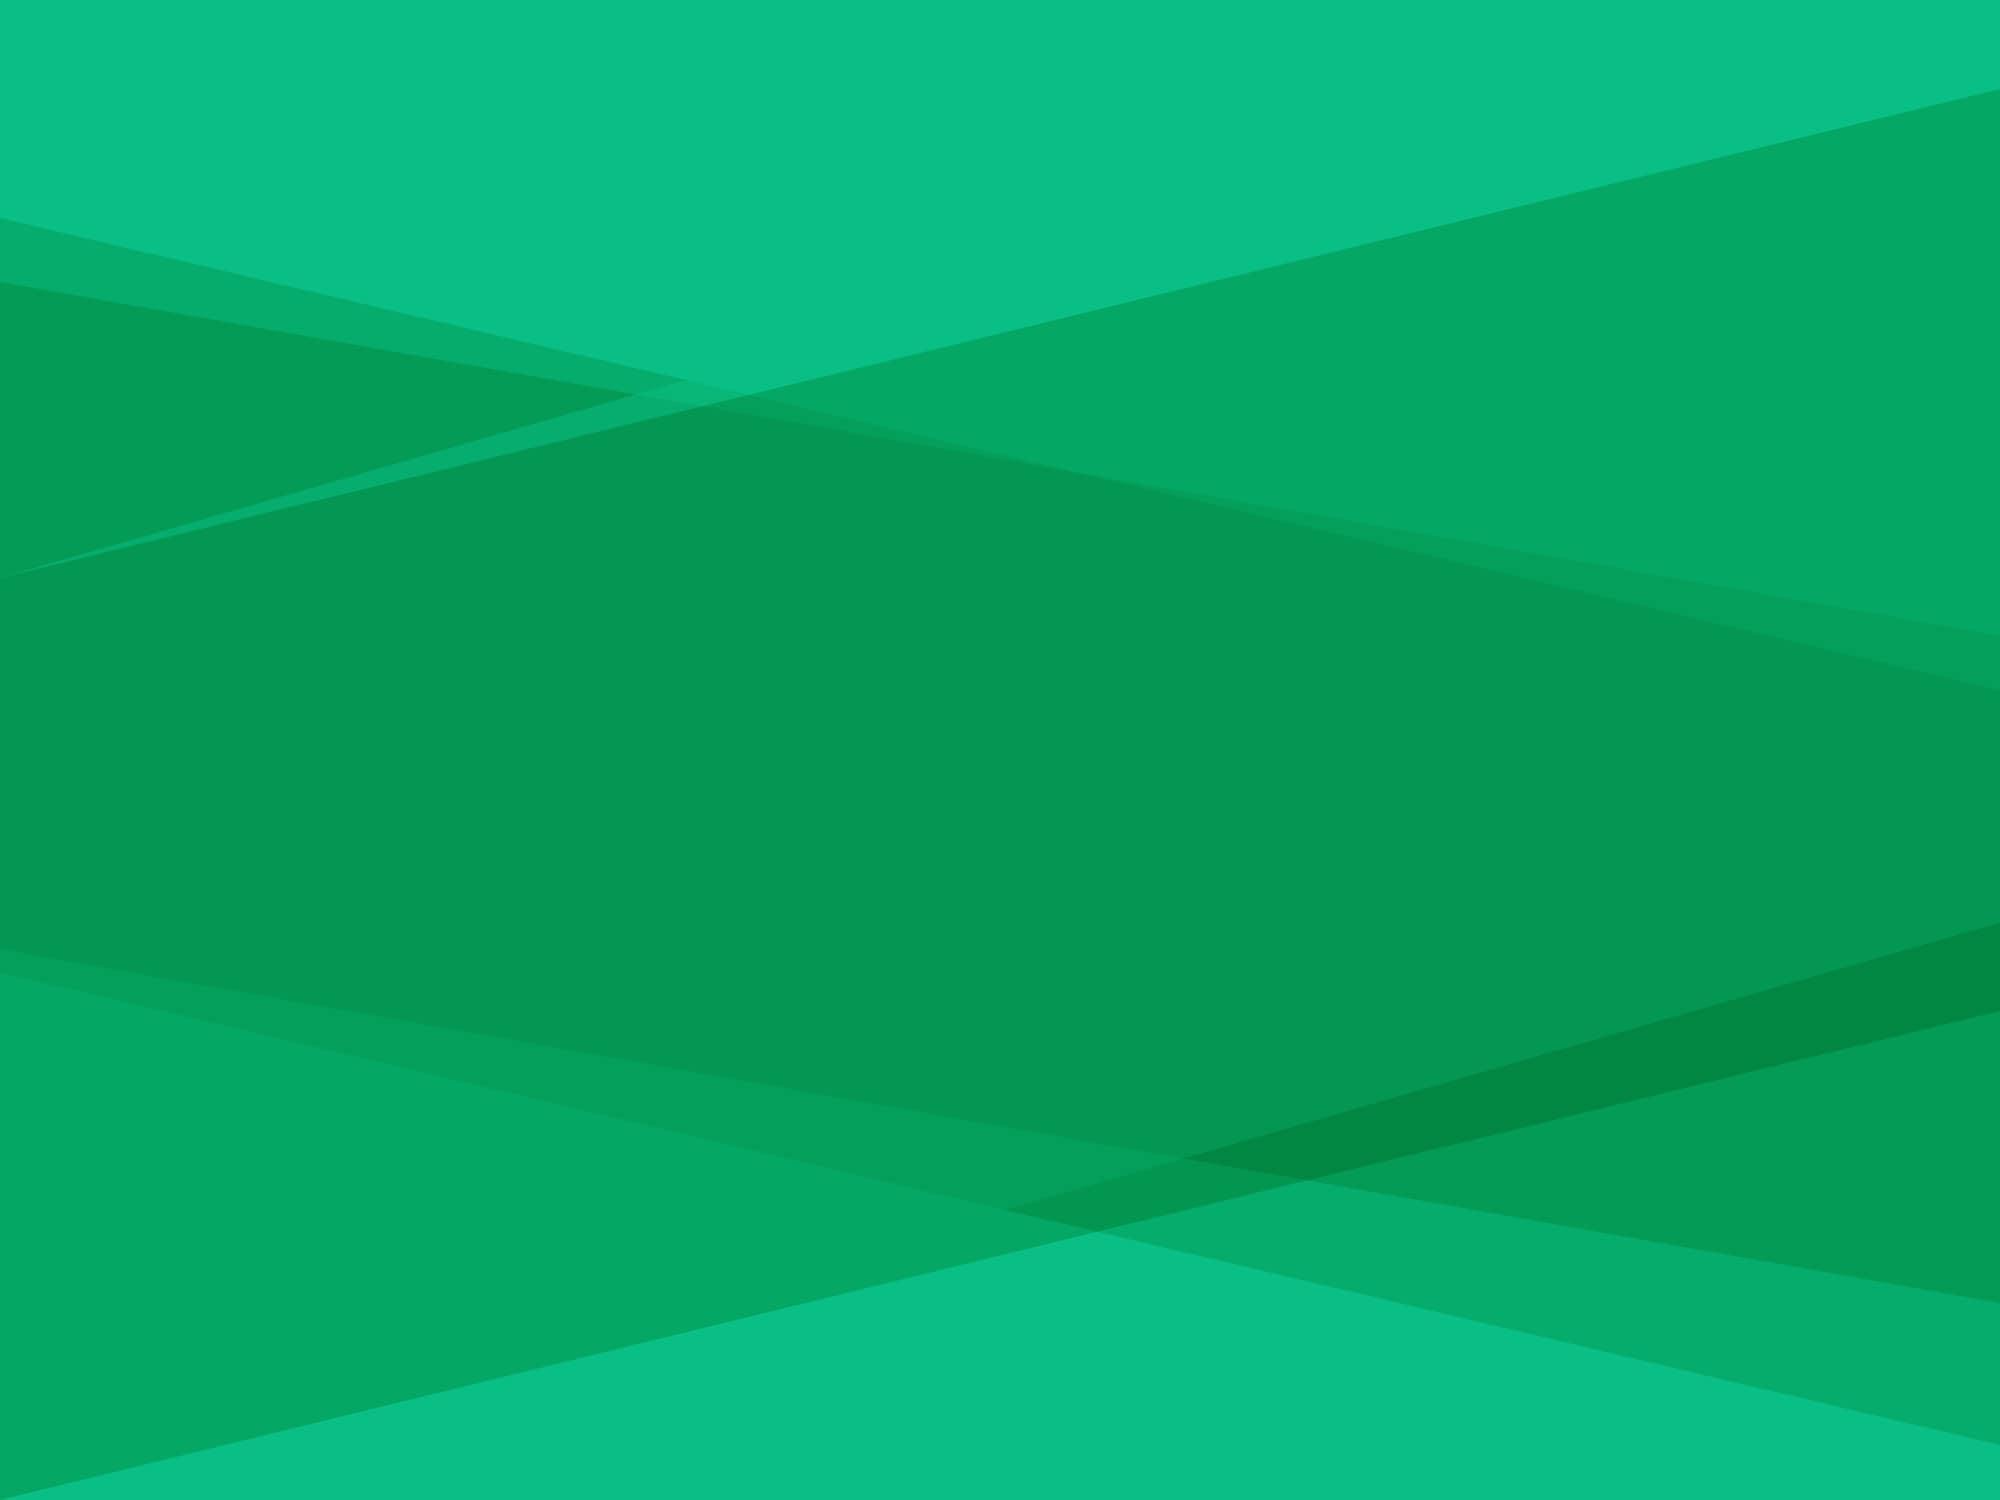 Diagonal screens texture aqua